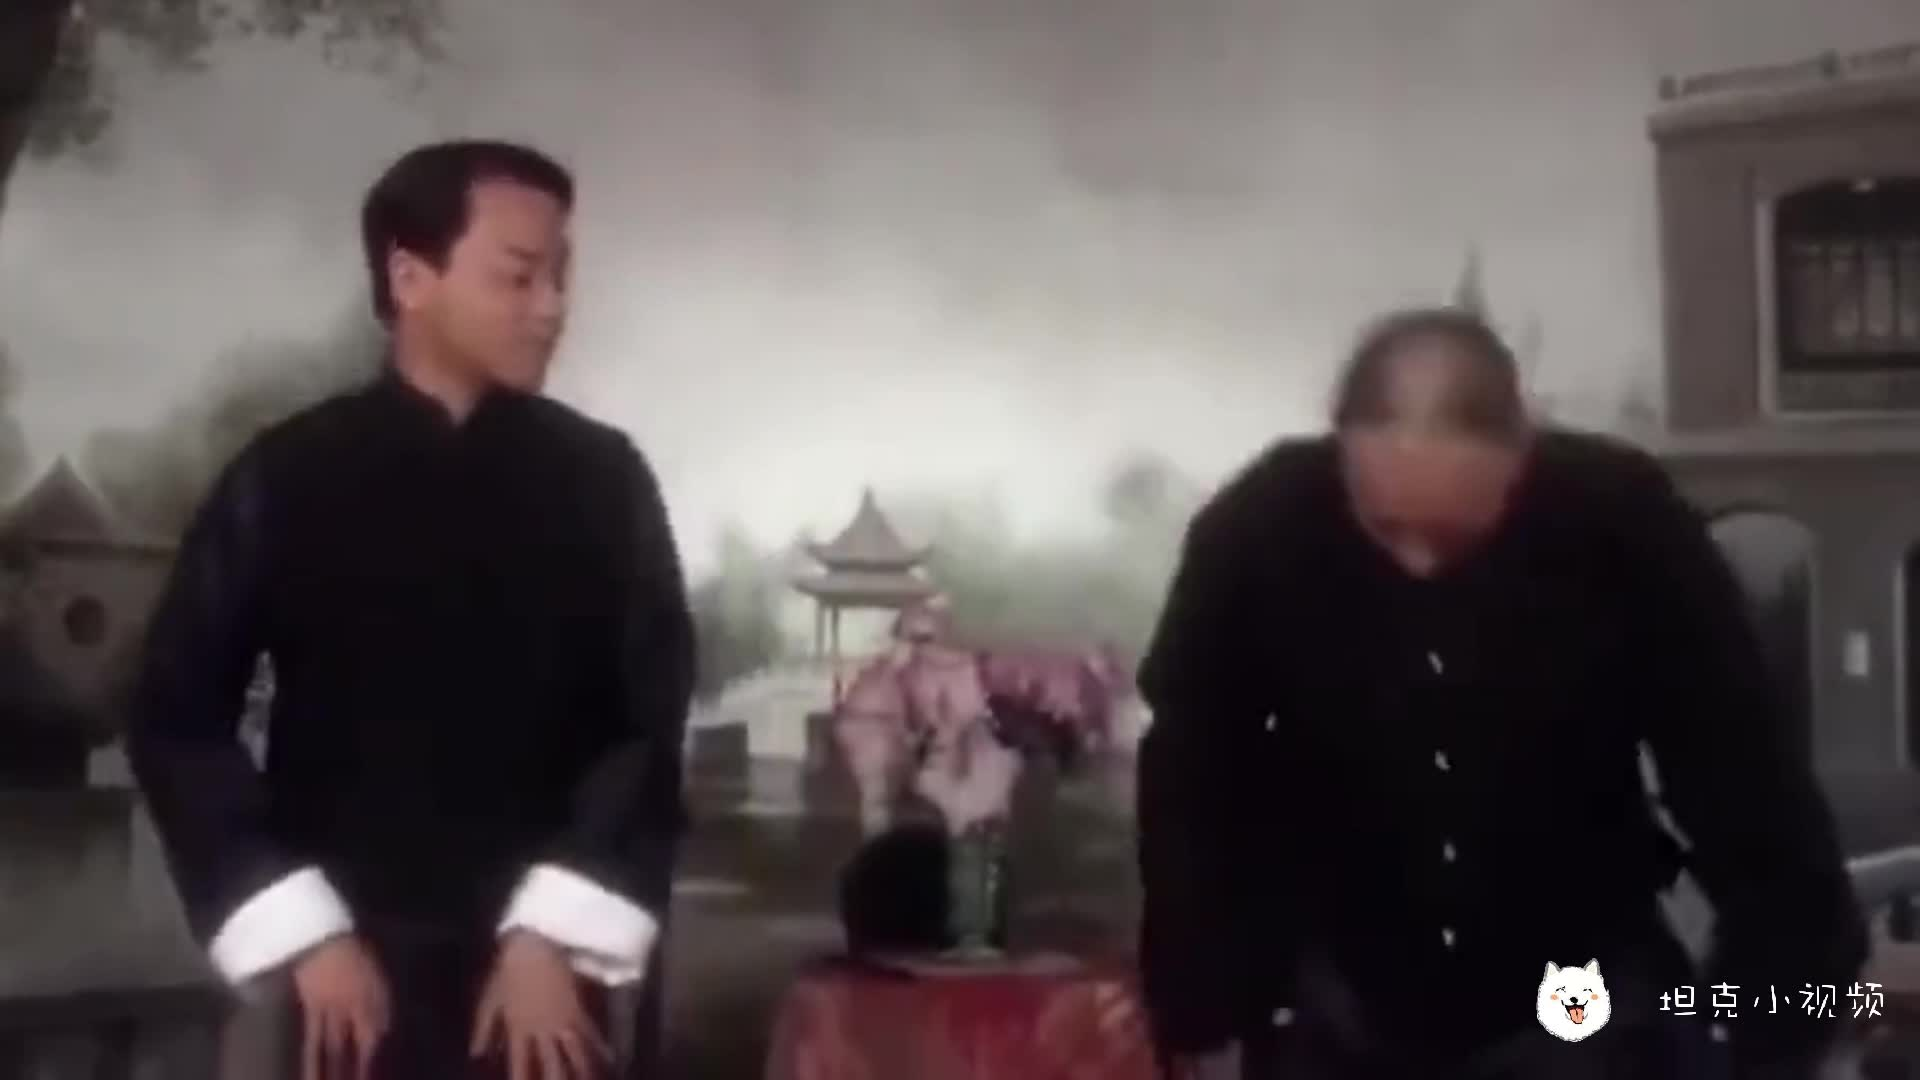 #电影迷的修养#张国荣的《霸王别姬》老一辈用心在演的电视!